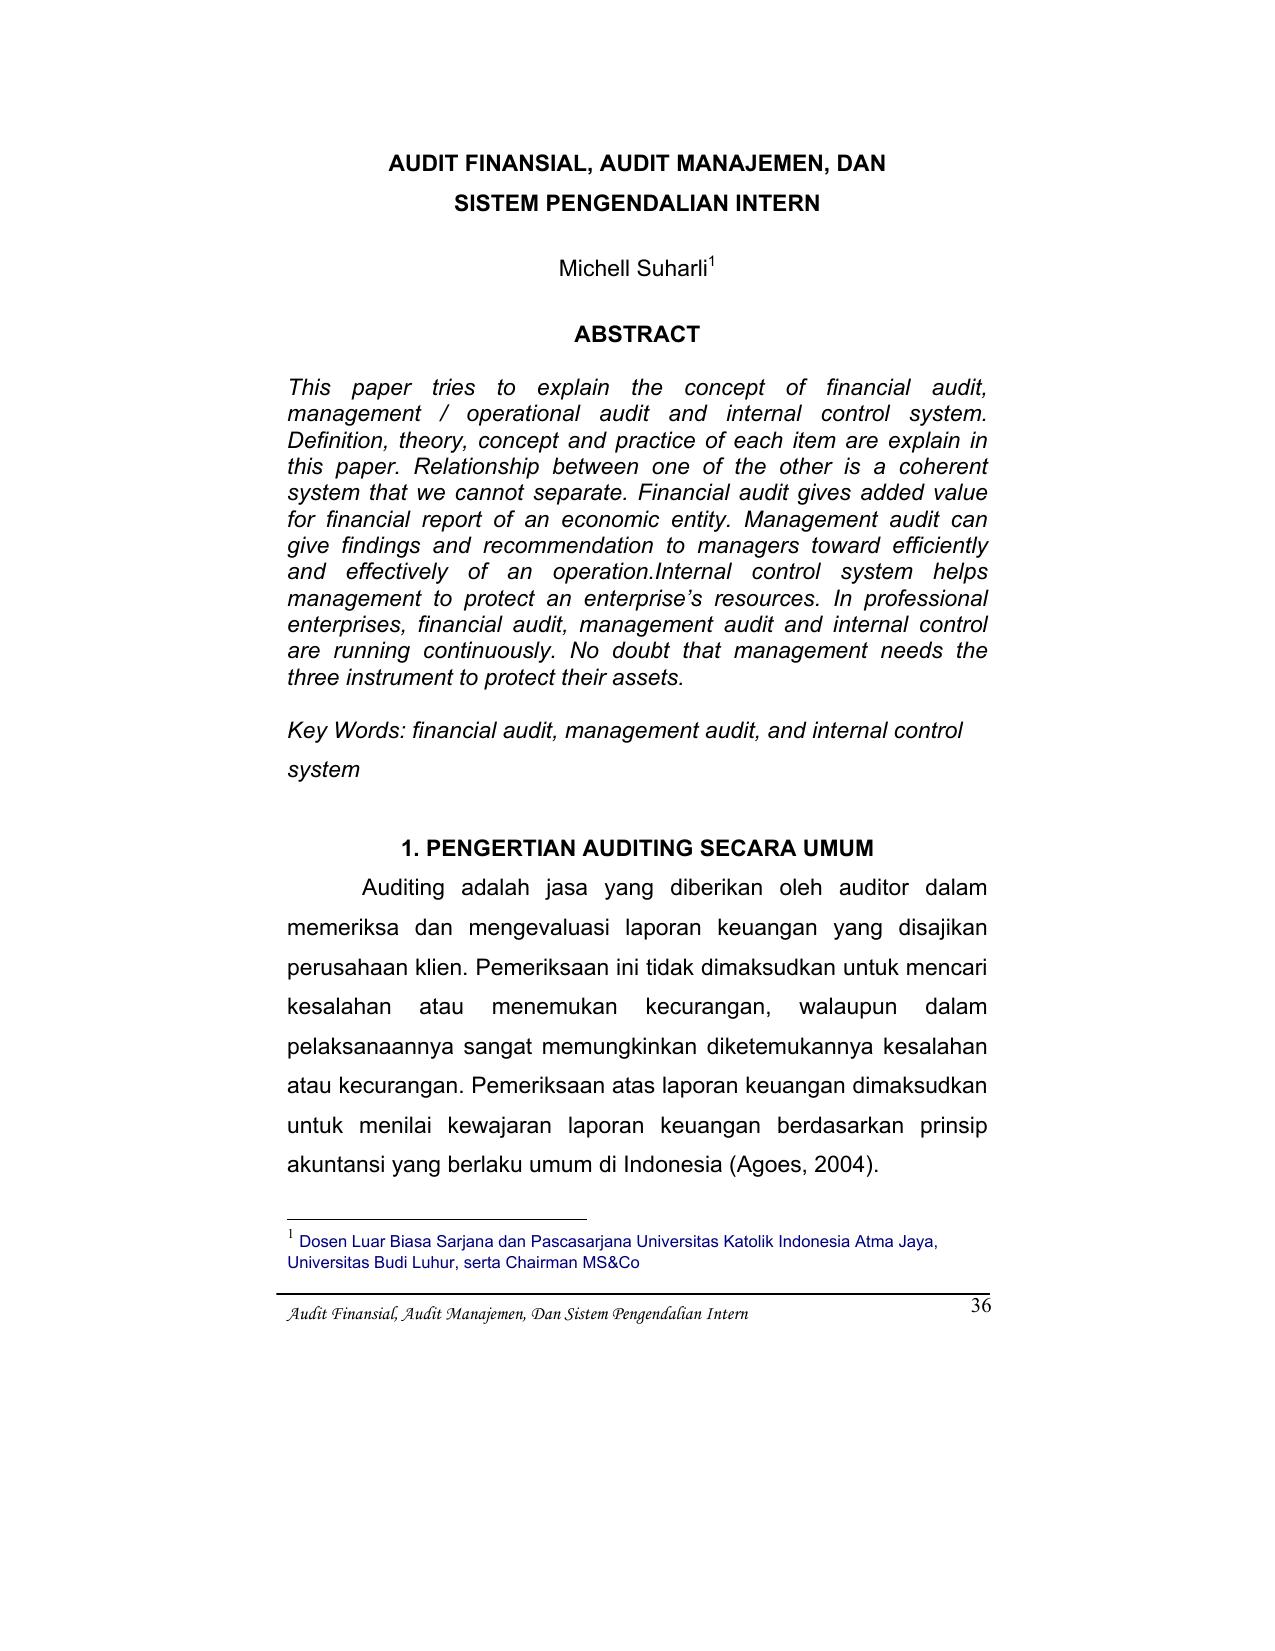 Audit Finansial Audit Manajemen Dan Sistem